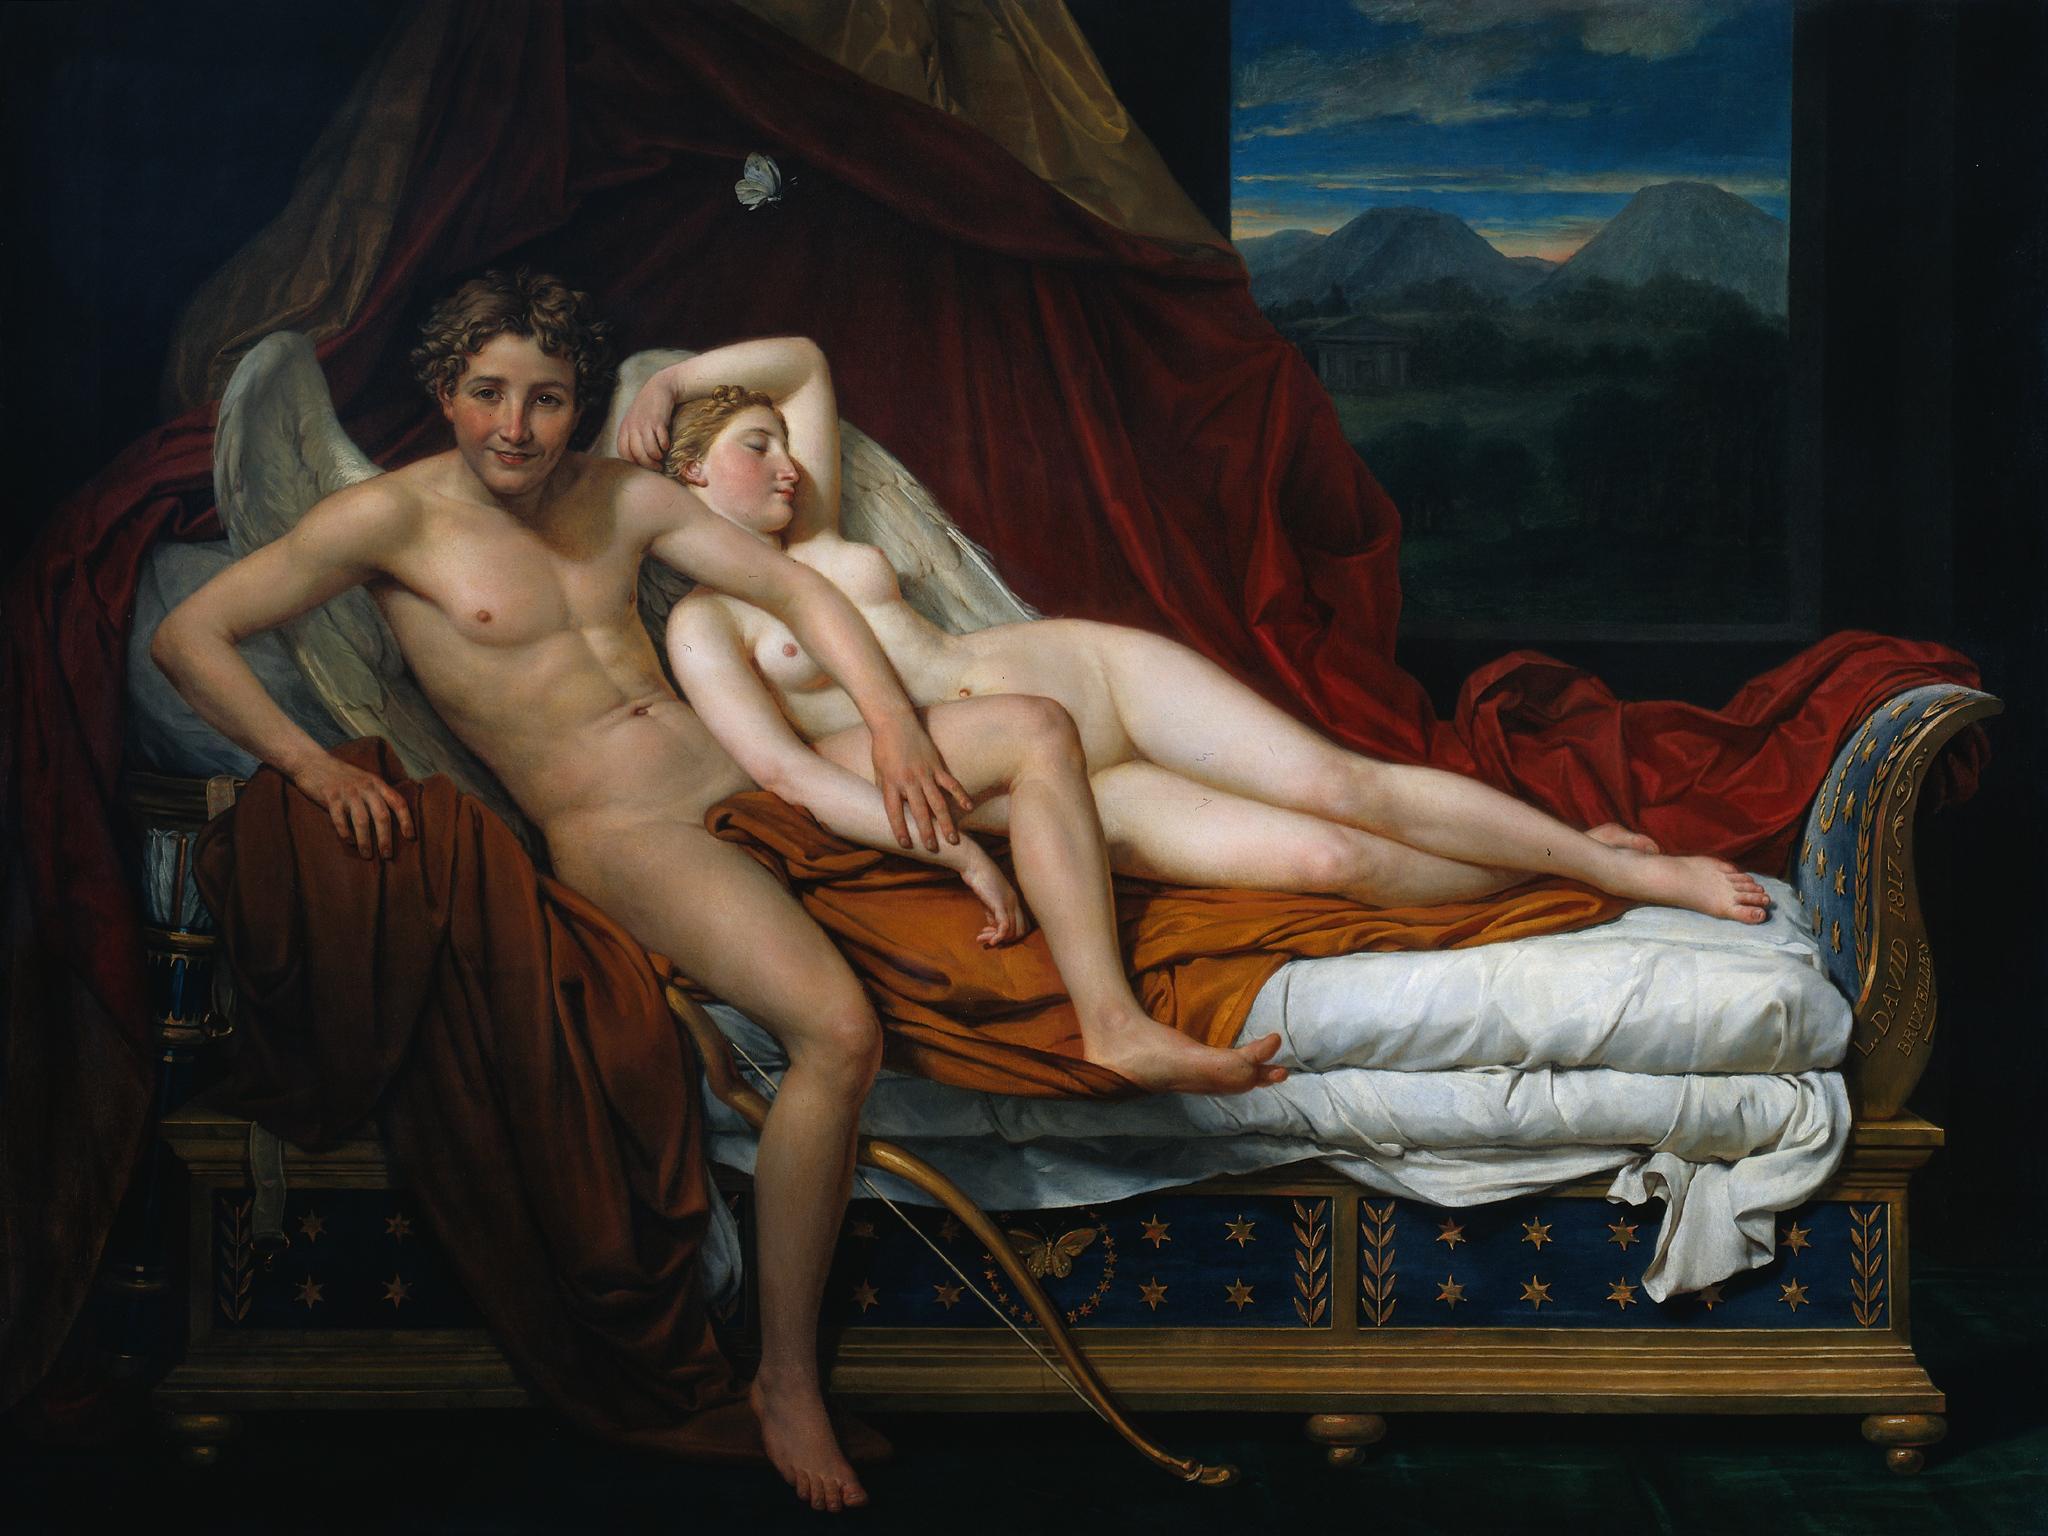 Die bruste wachsenden geschichten erotische